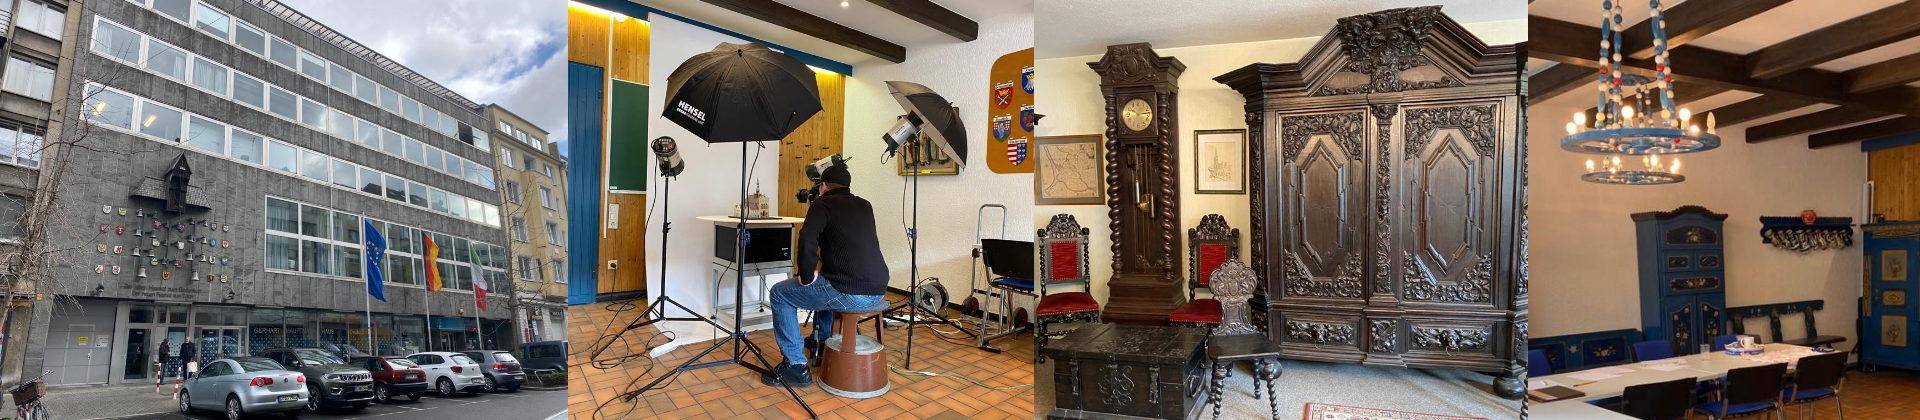 Aufnahmen im Gerhart-Hauptmann-Haus